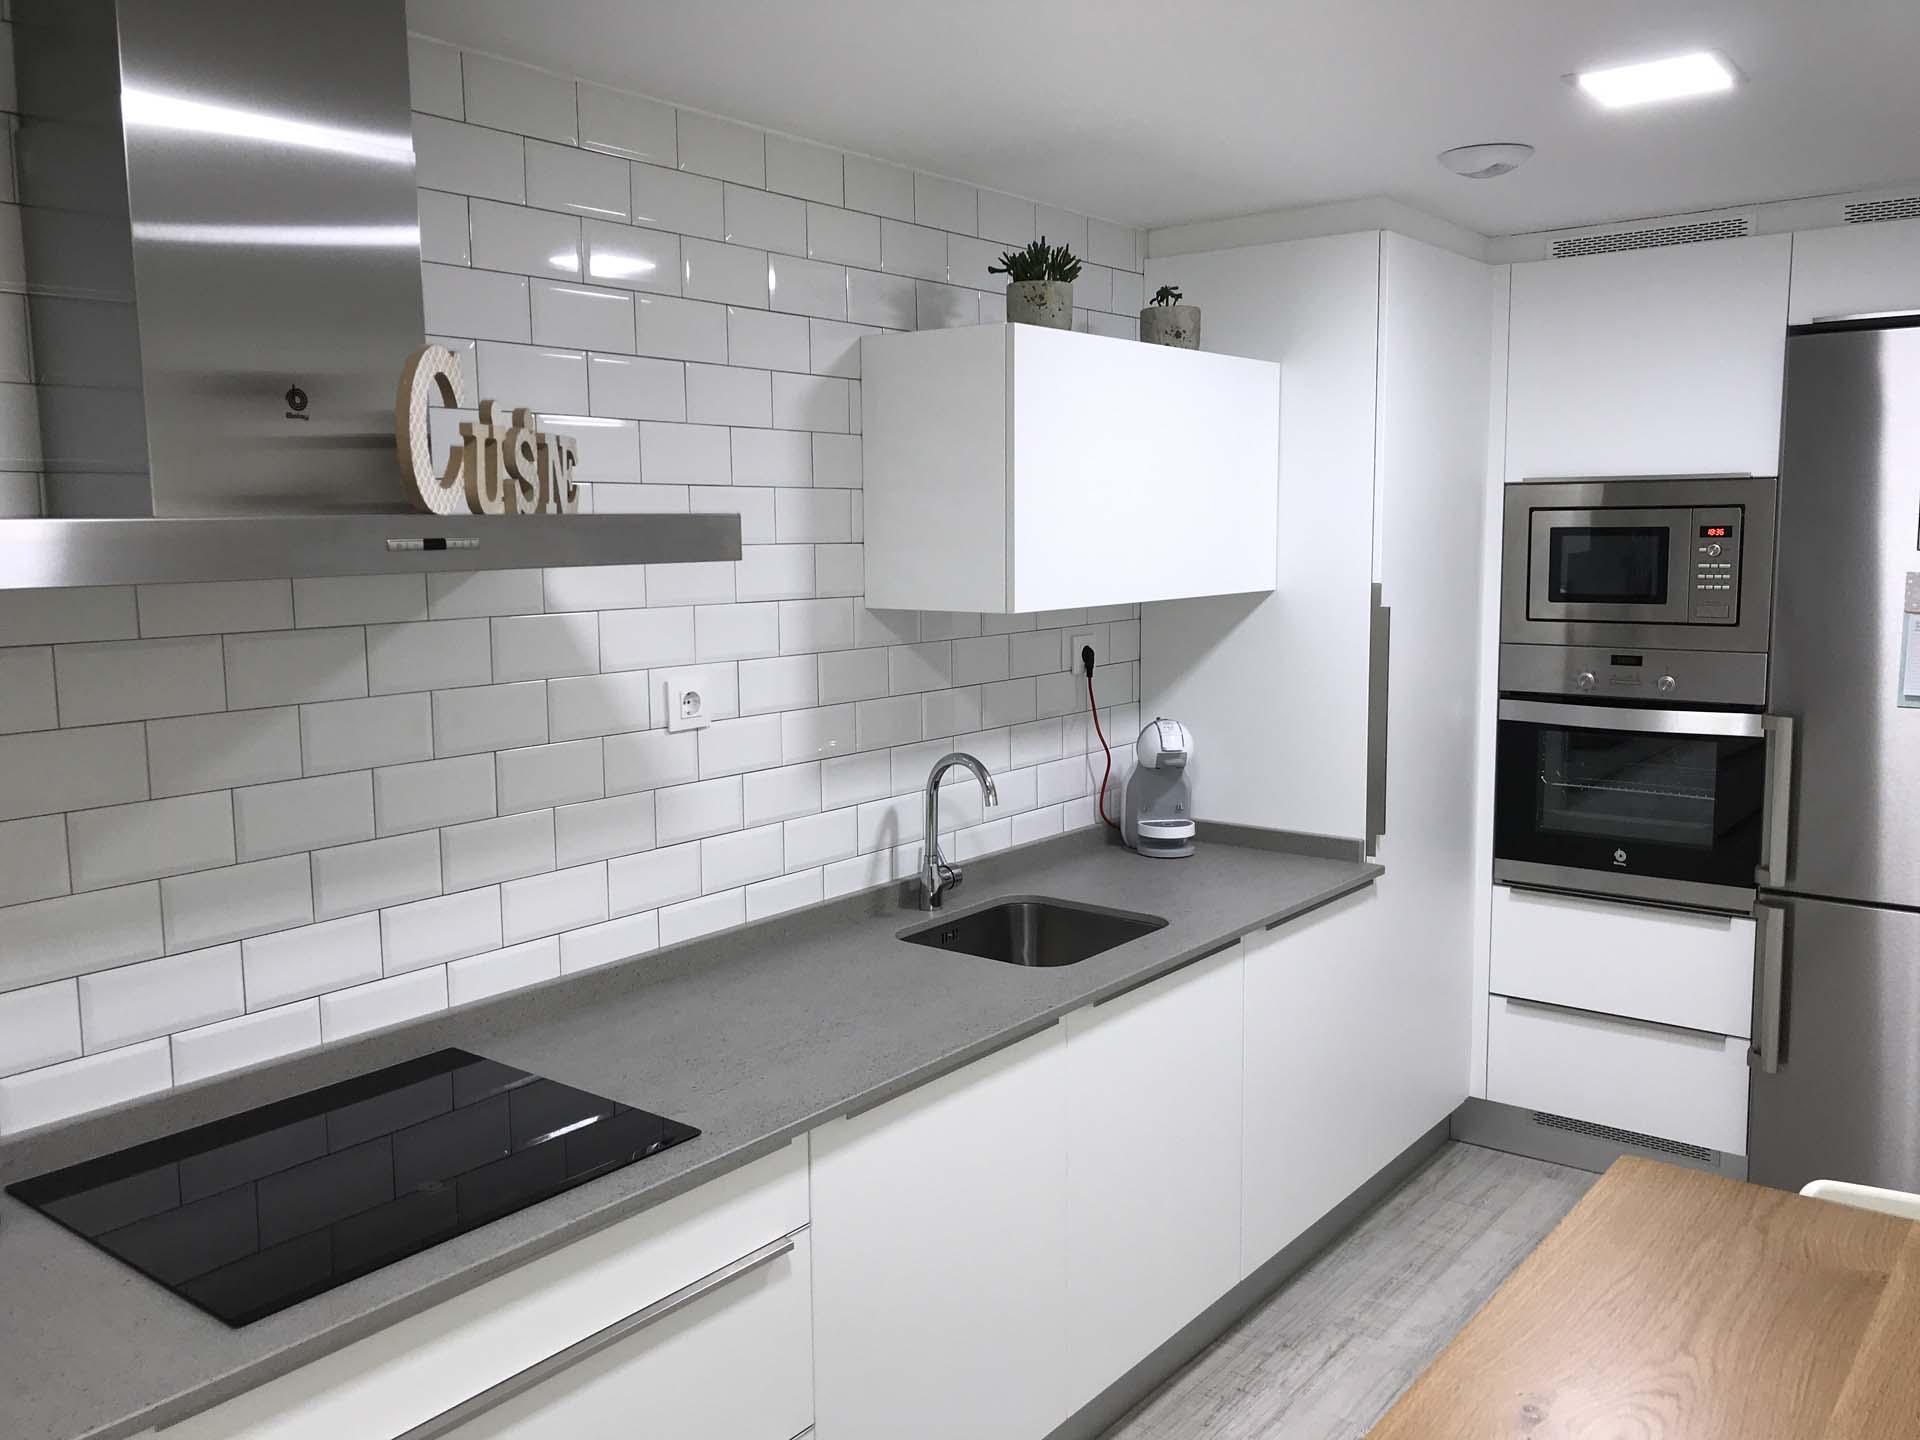 Cocina blanca mate con tirador al canto arnit - Accesorios de cocina de diseno ...